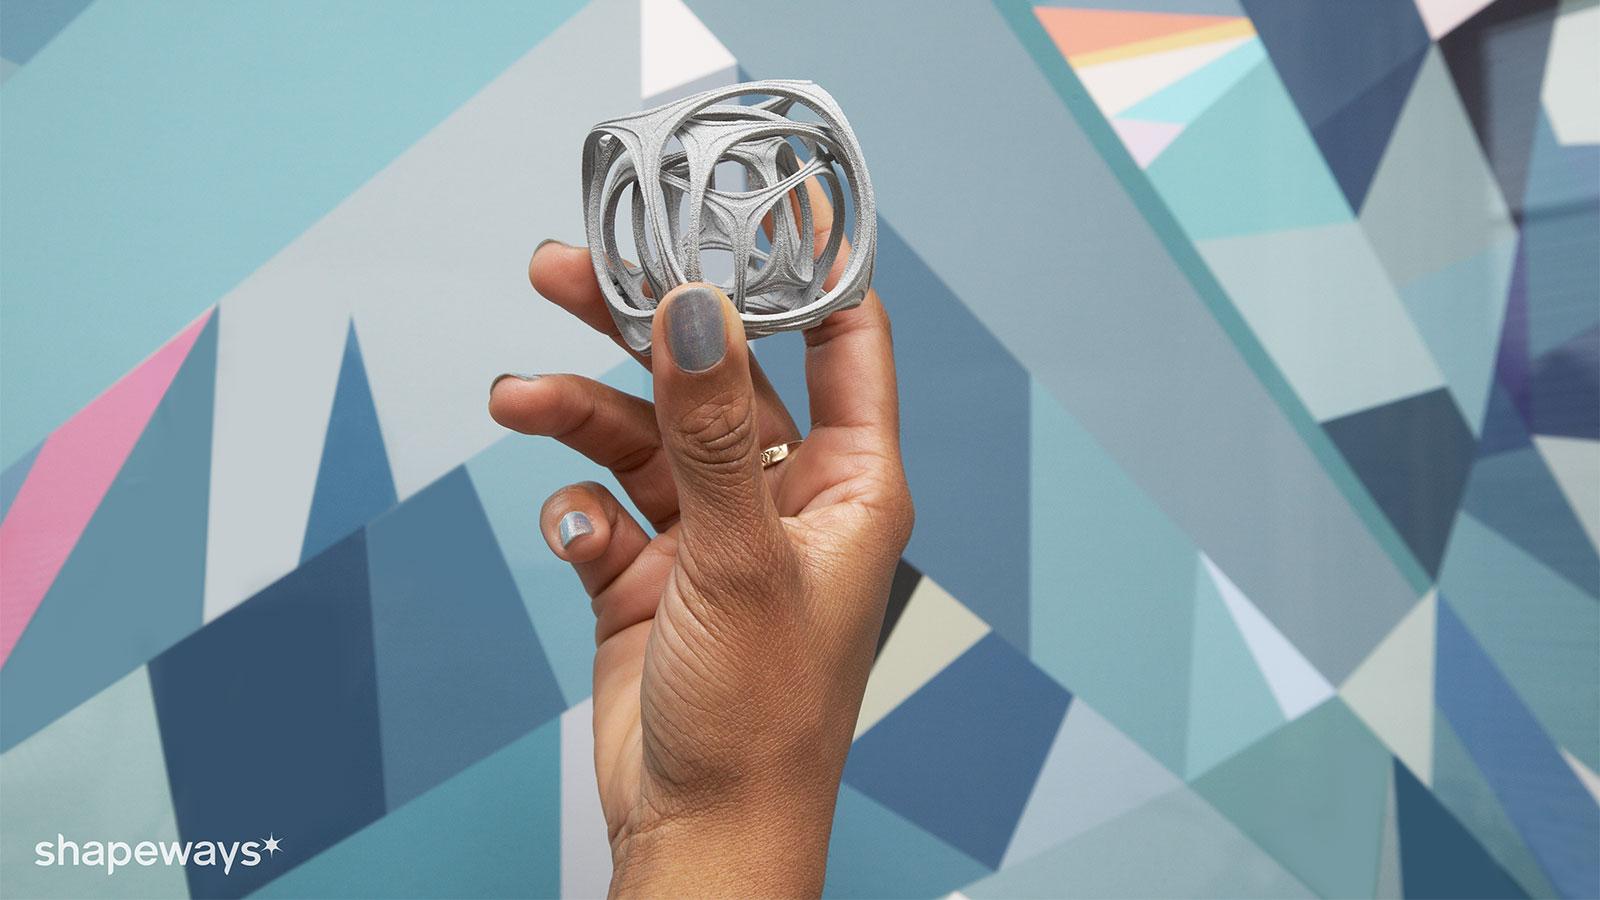 3Dプリント製品のデザイン・設計・生産・販売・販売管理・配送までを支援するShapeways